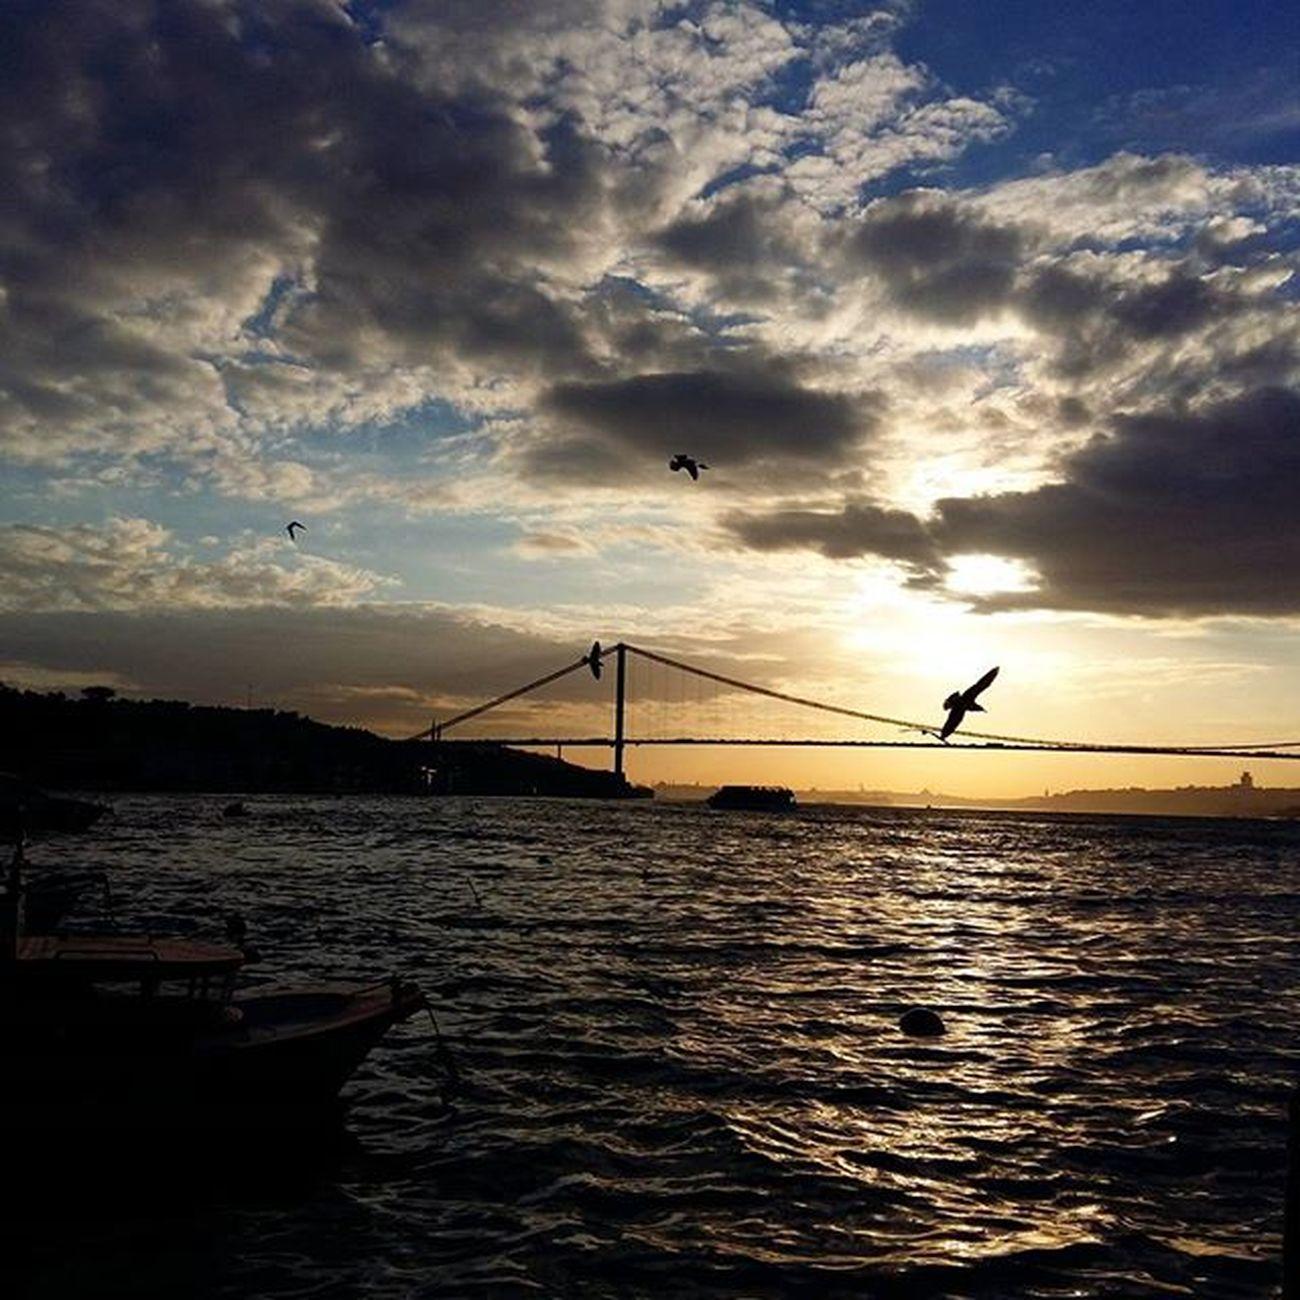 Istanbul Boğaz Bogazicikoprusu Cengelkoy Martılar Günbatımı Bulutlar Kışgüneşi